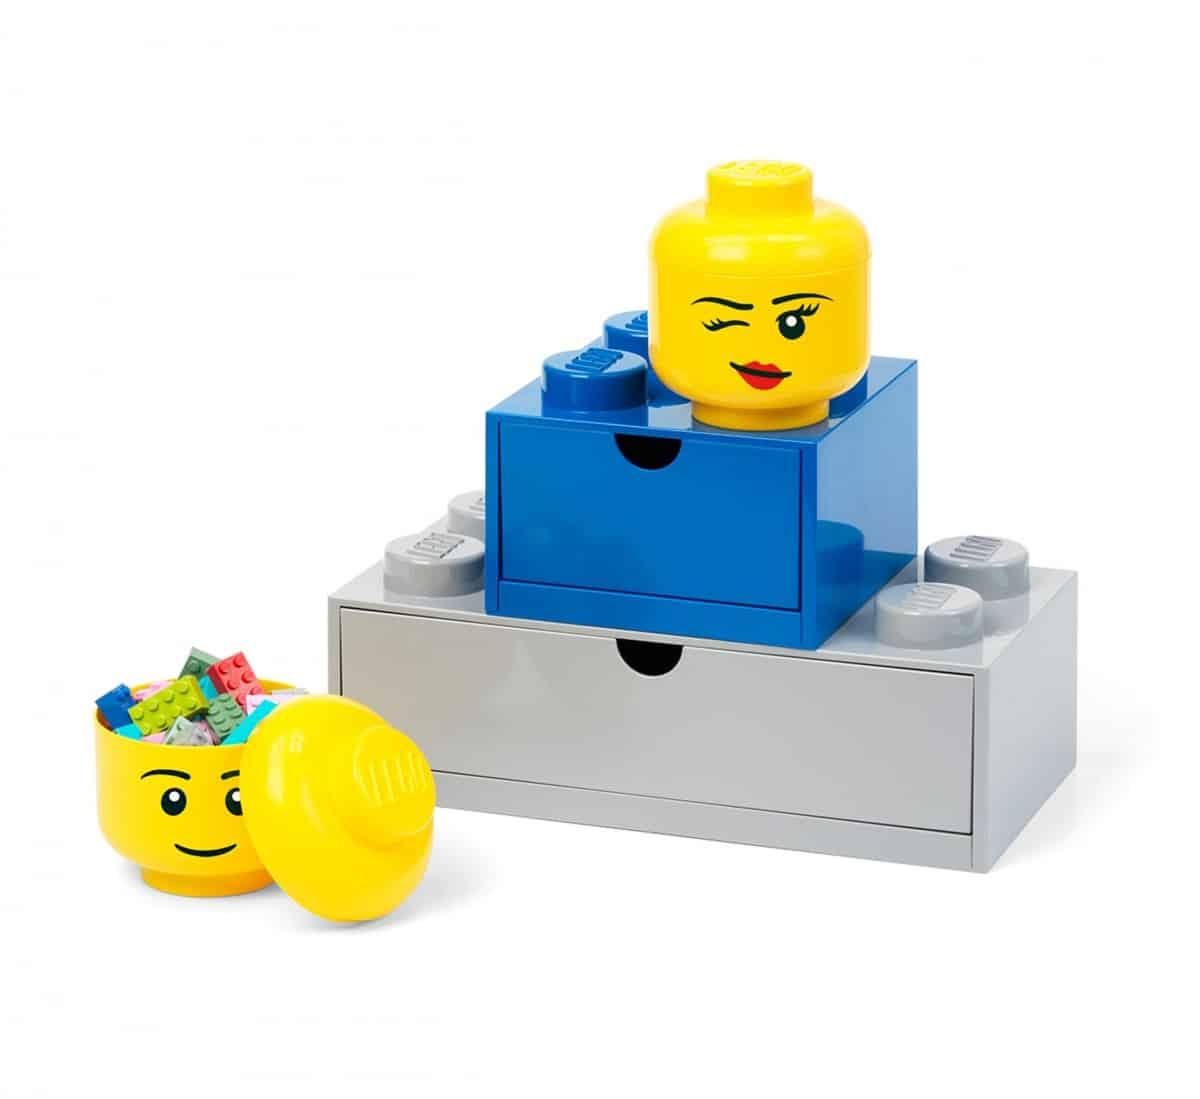 testa contenitore lego 5006211 mini ammiccante scaled